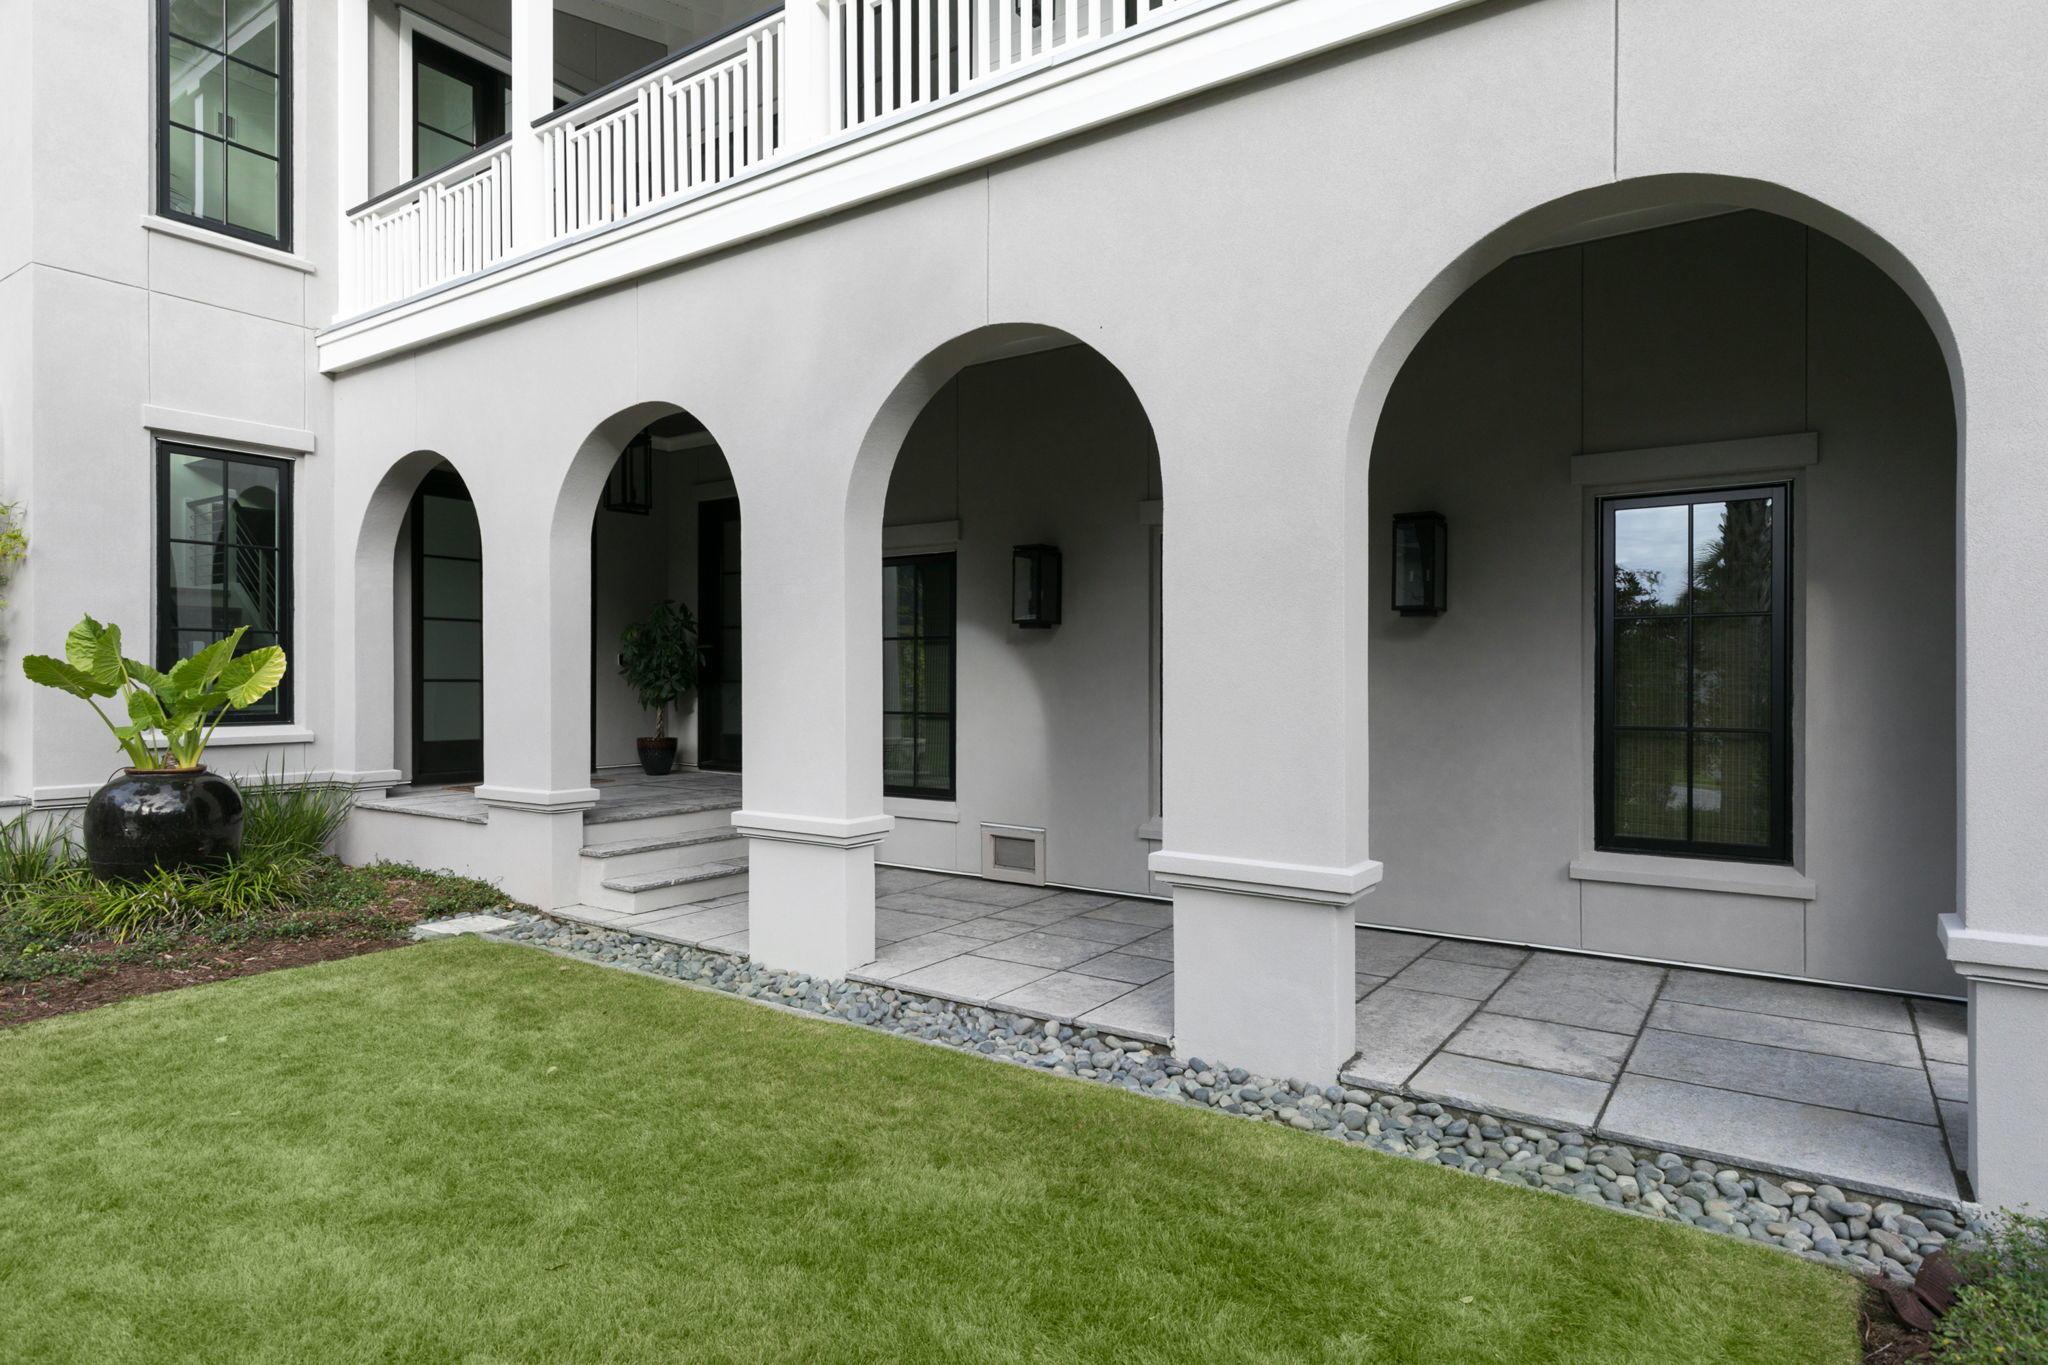 Belle Hall Homes For Sale - 341 Bridgetown Pass, Mount Pleasant, SC - 51